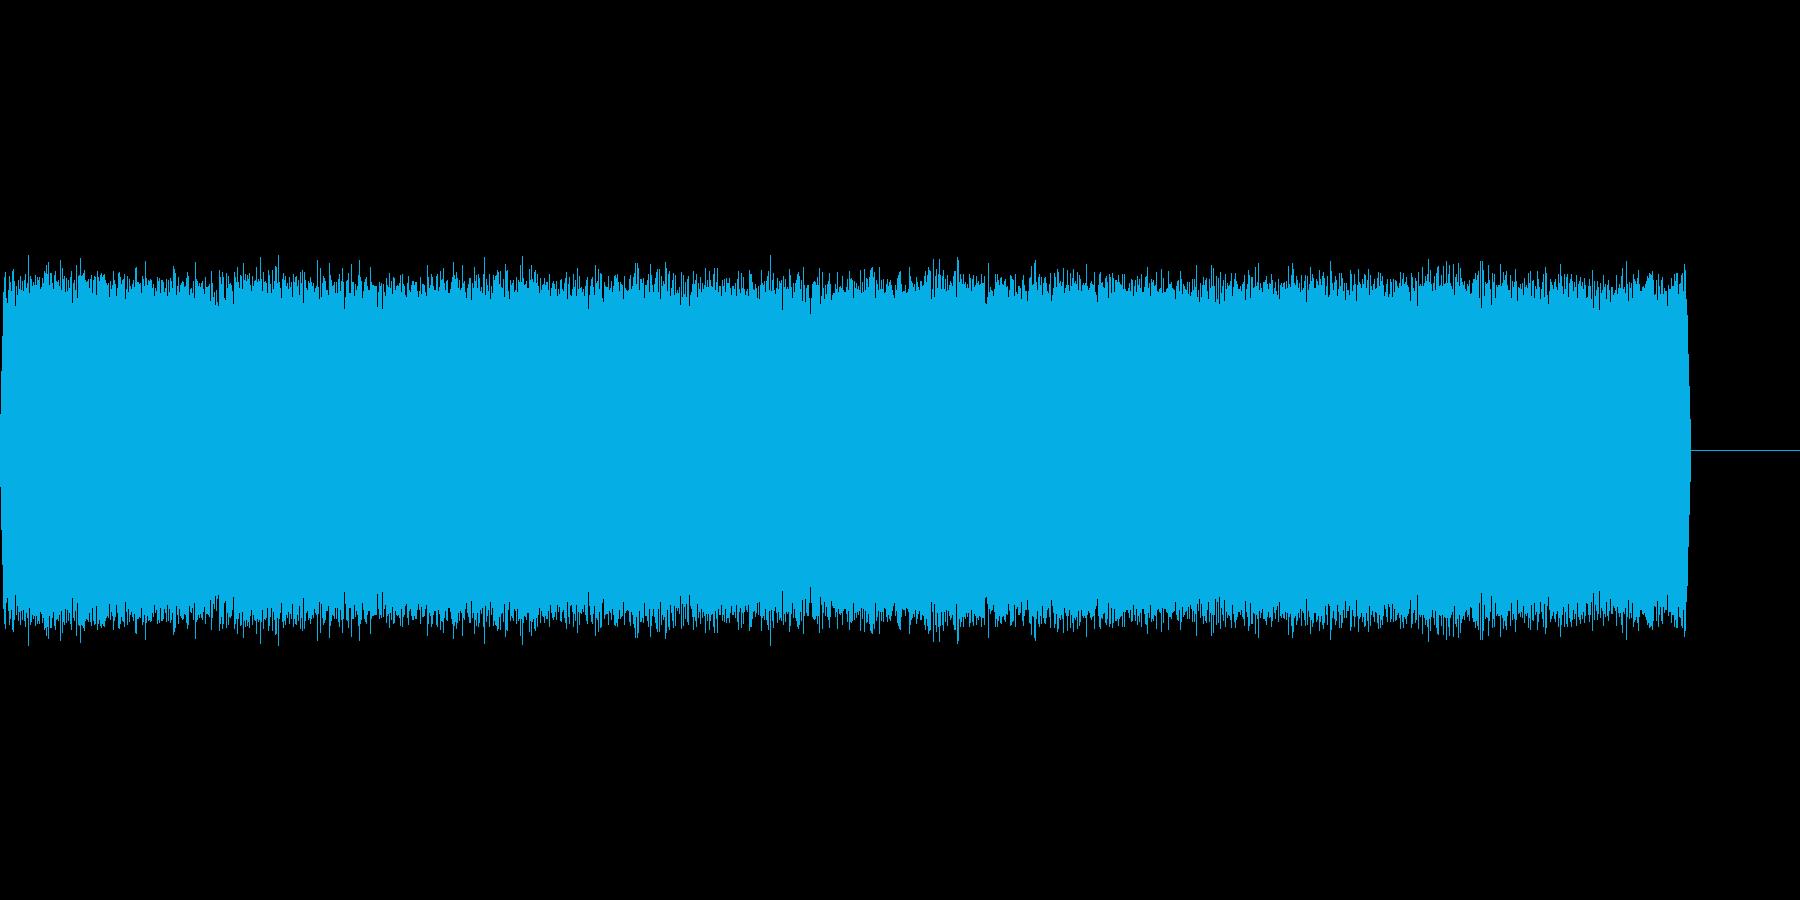 【電子音、アナログ】アラーム音2の再生済みの波形